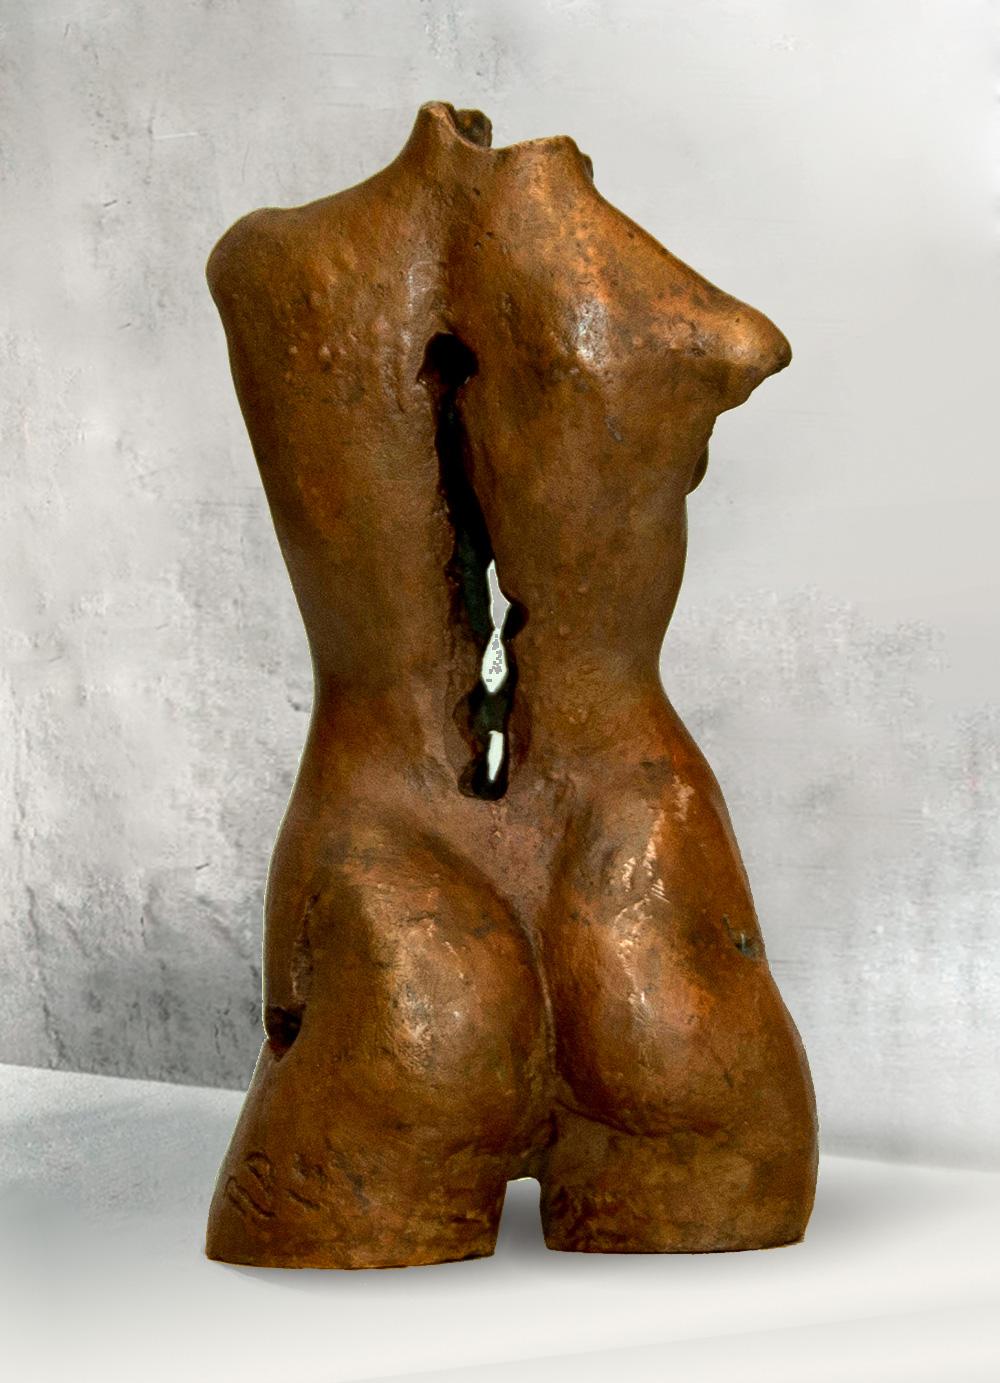 Escultura-Torso-Femenino-Bronce-C-C.Danone-RD.Escultor